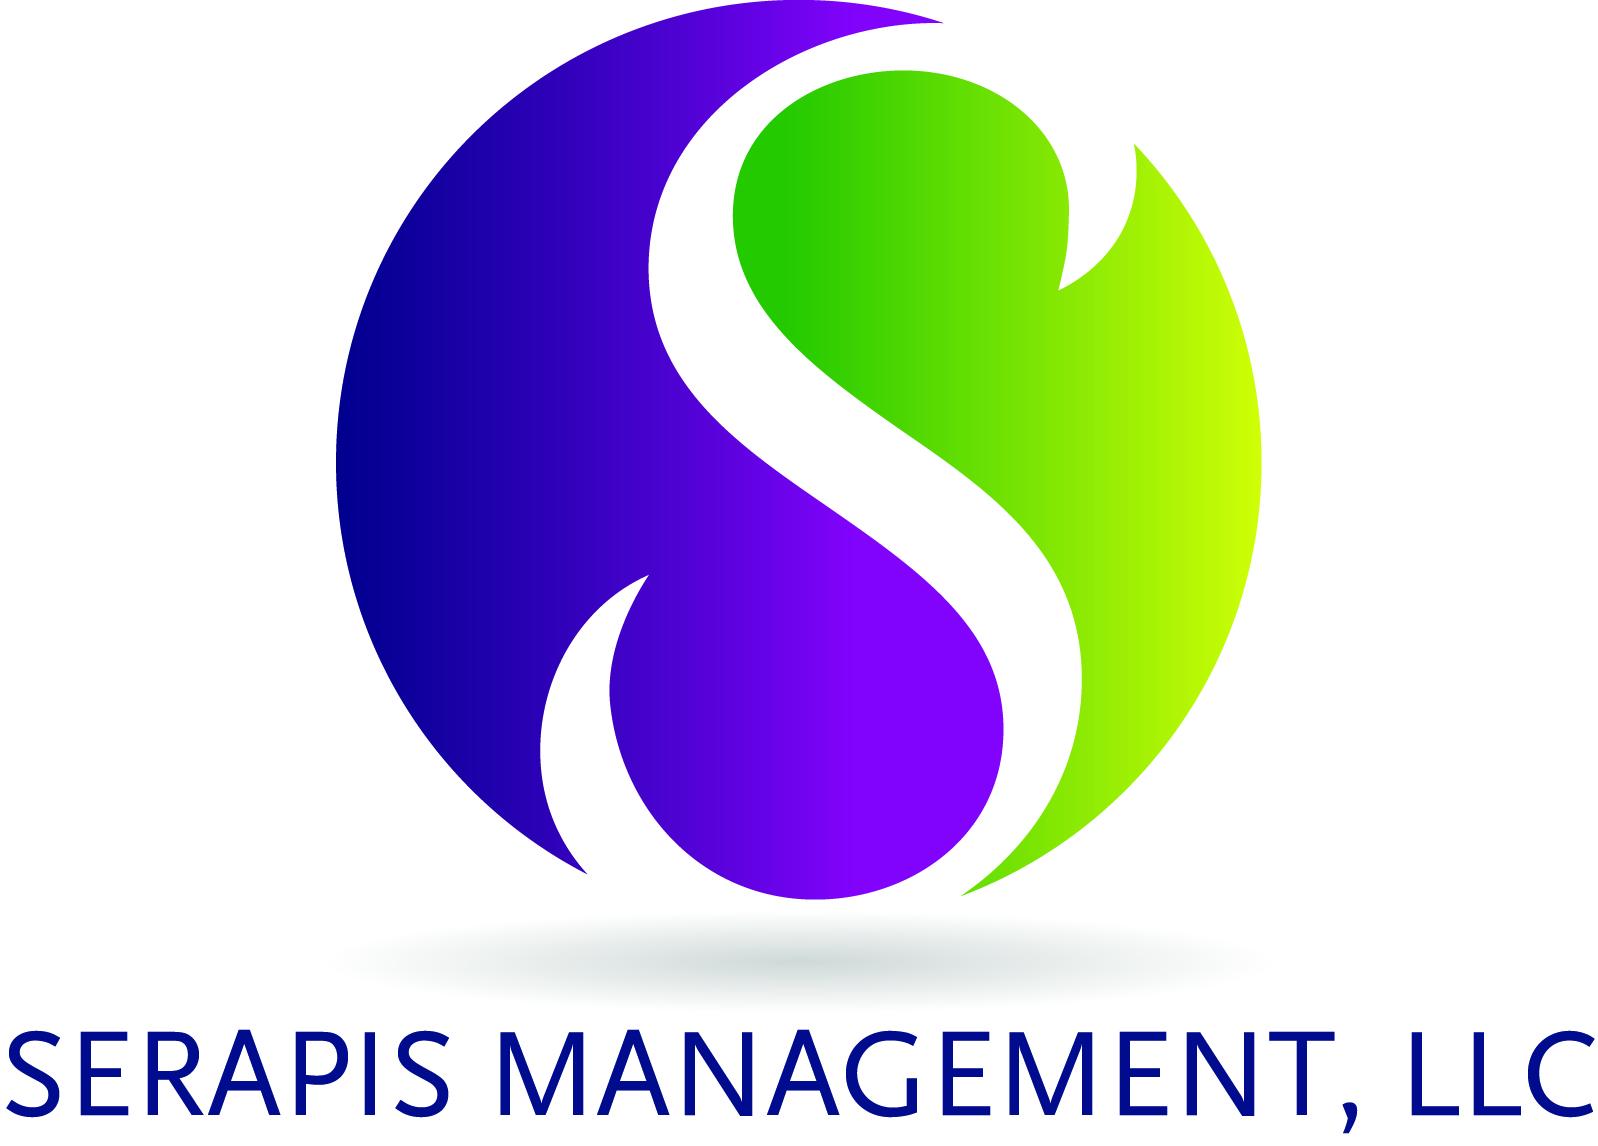 Serapis Management